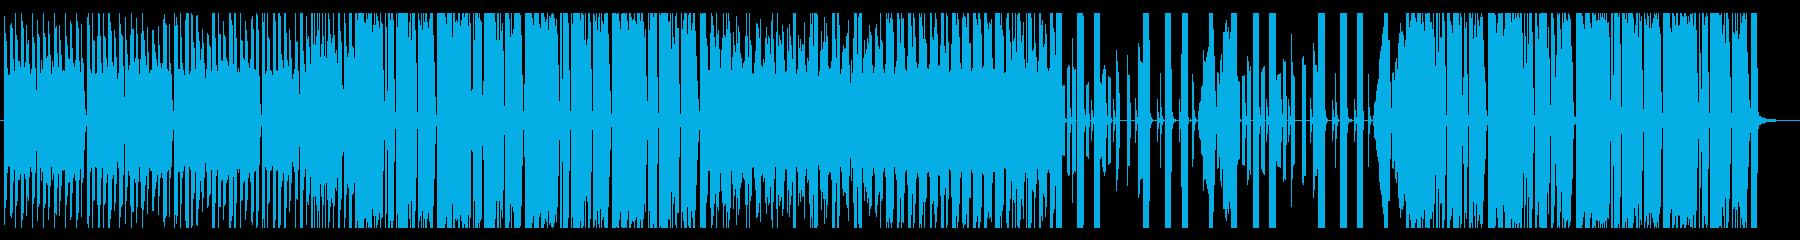 勢いのあるエレクトロハウスの再生済みの波形